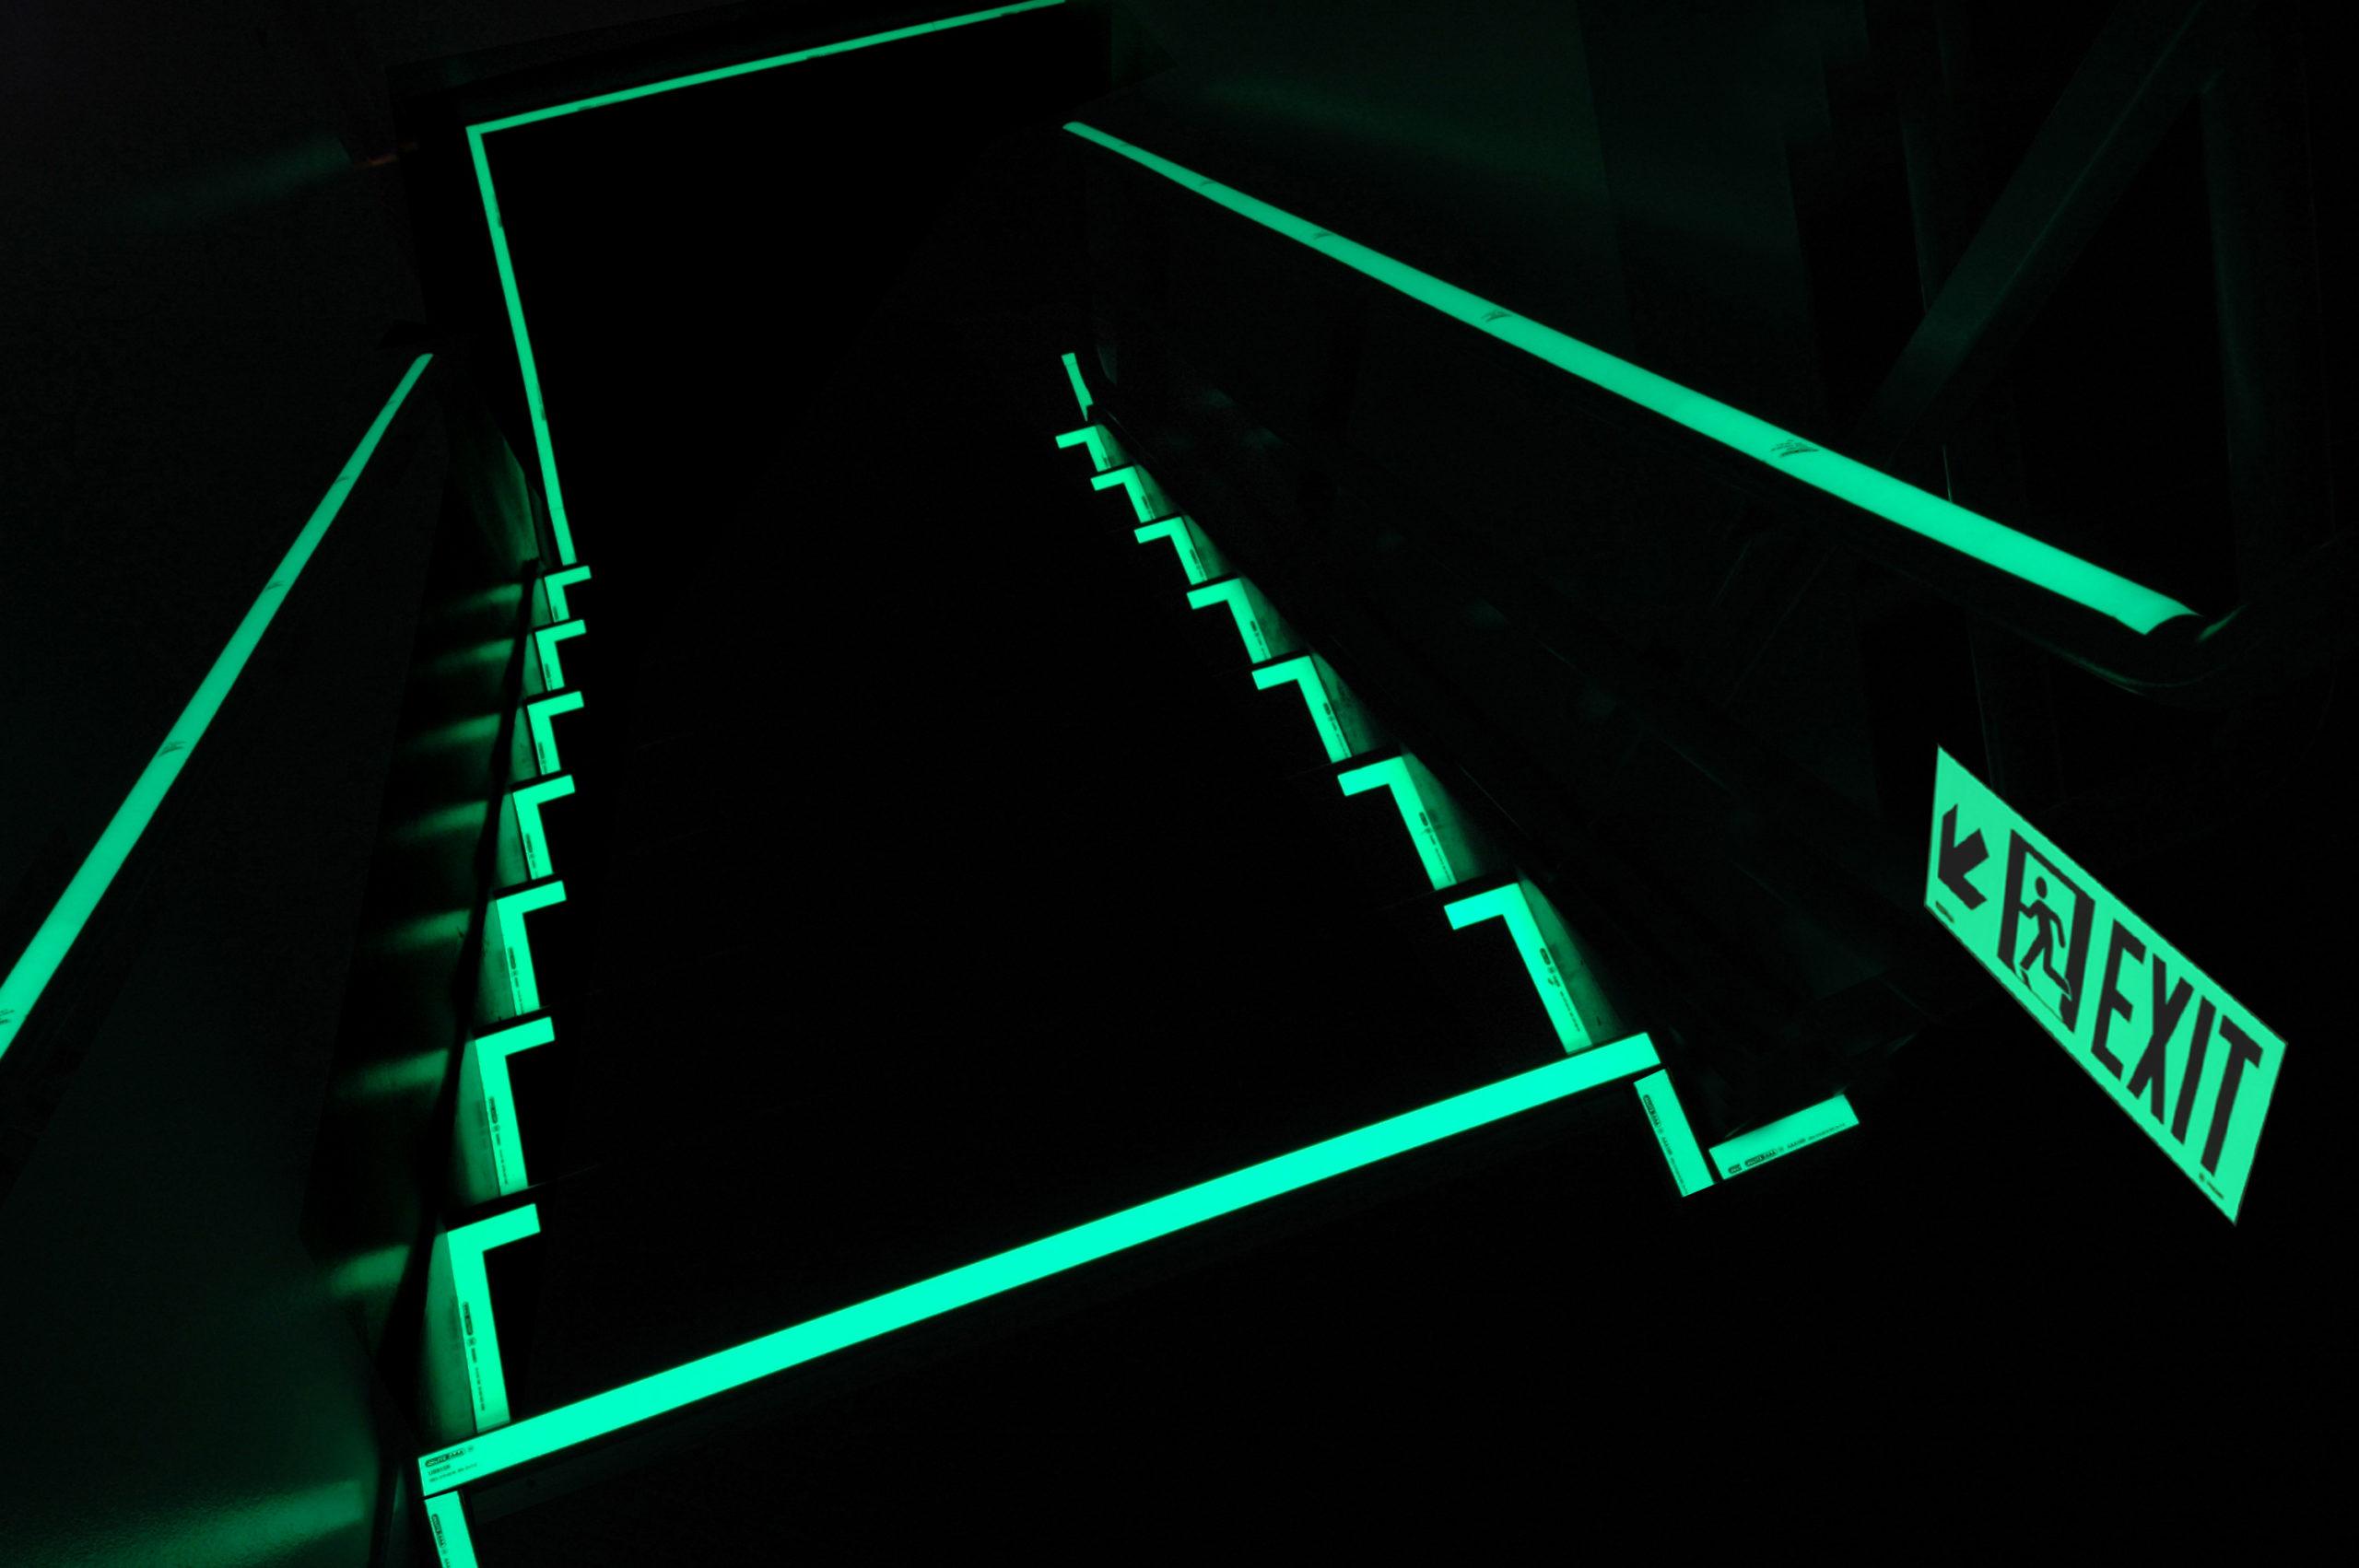 Фото светящейся лестницы